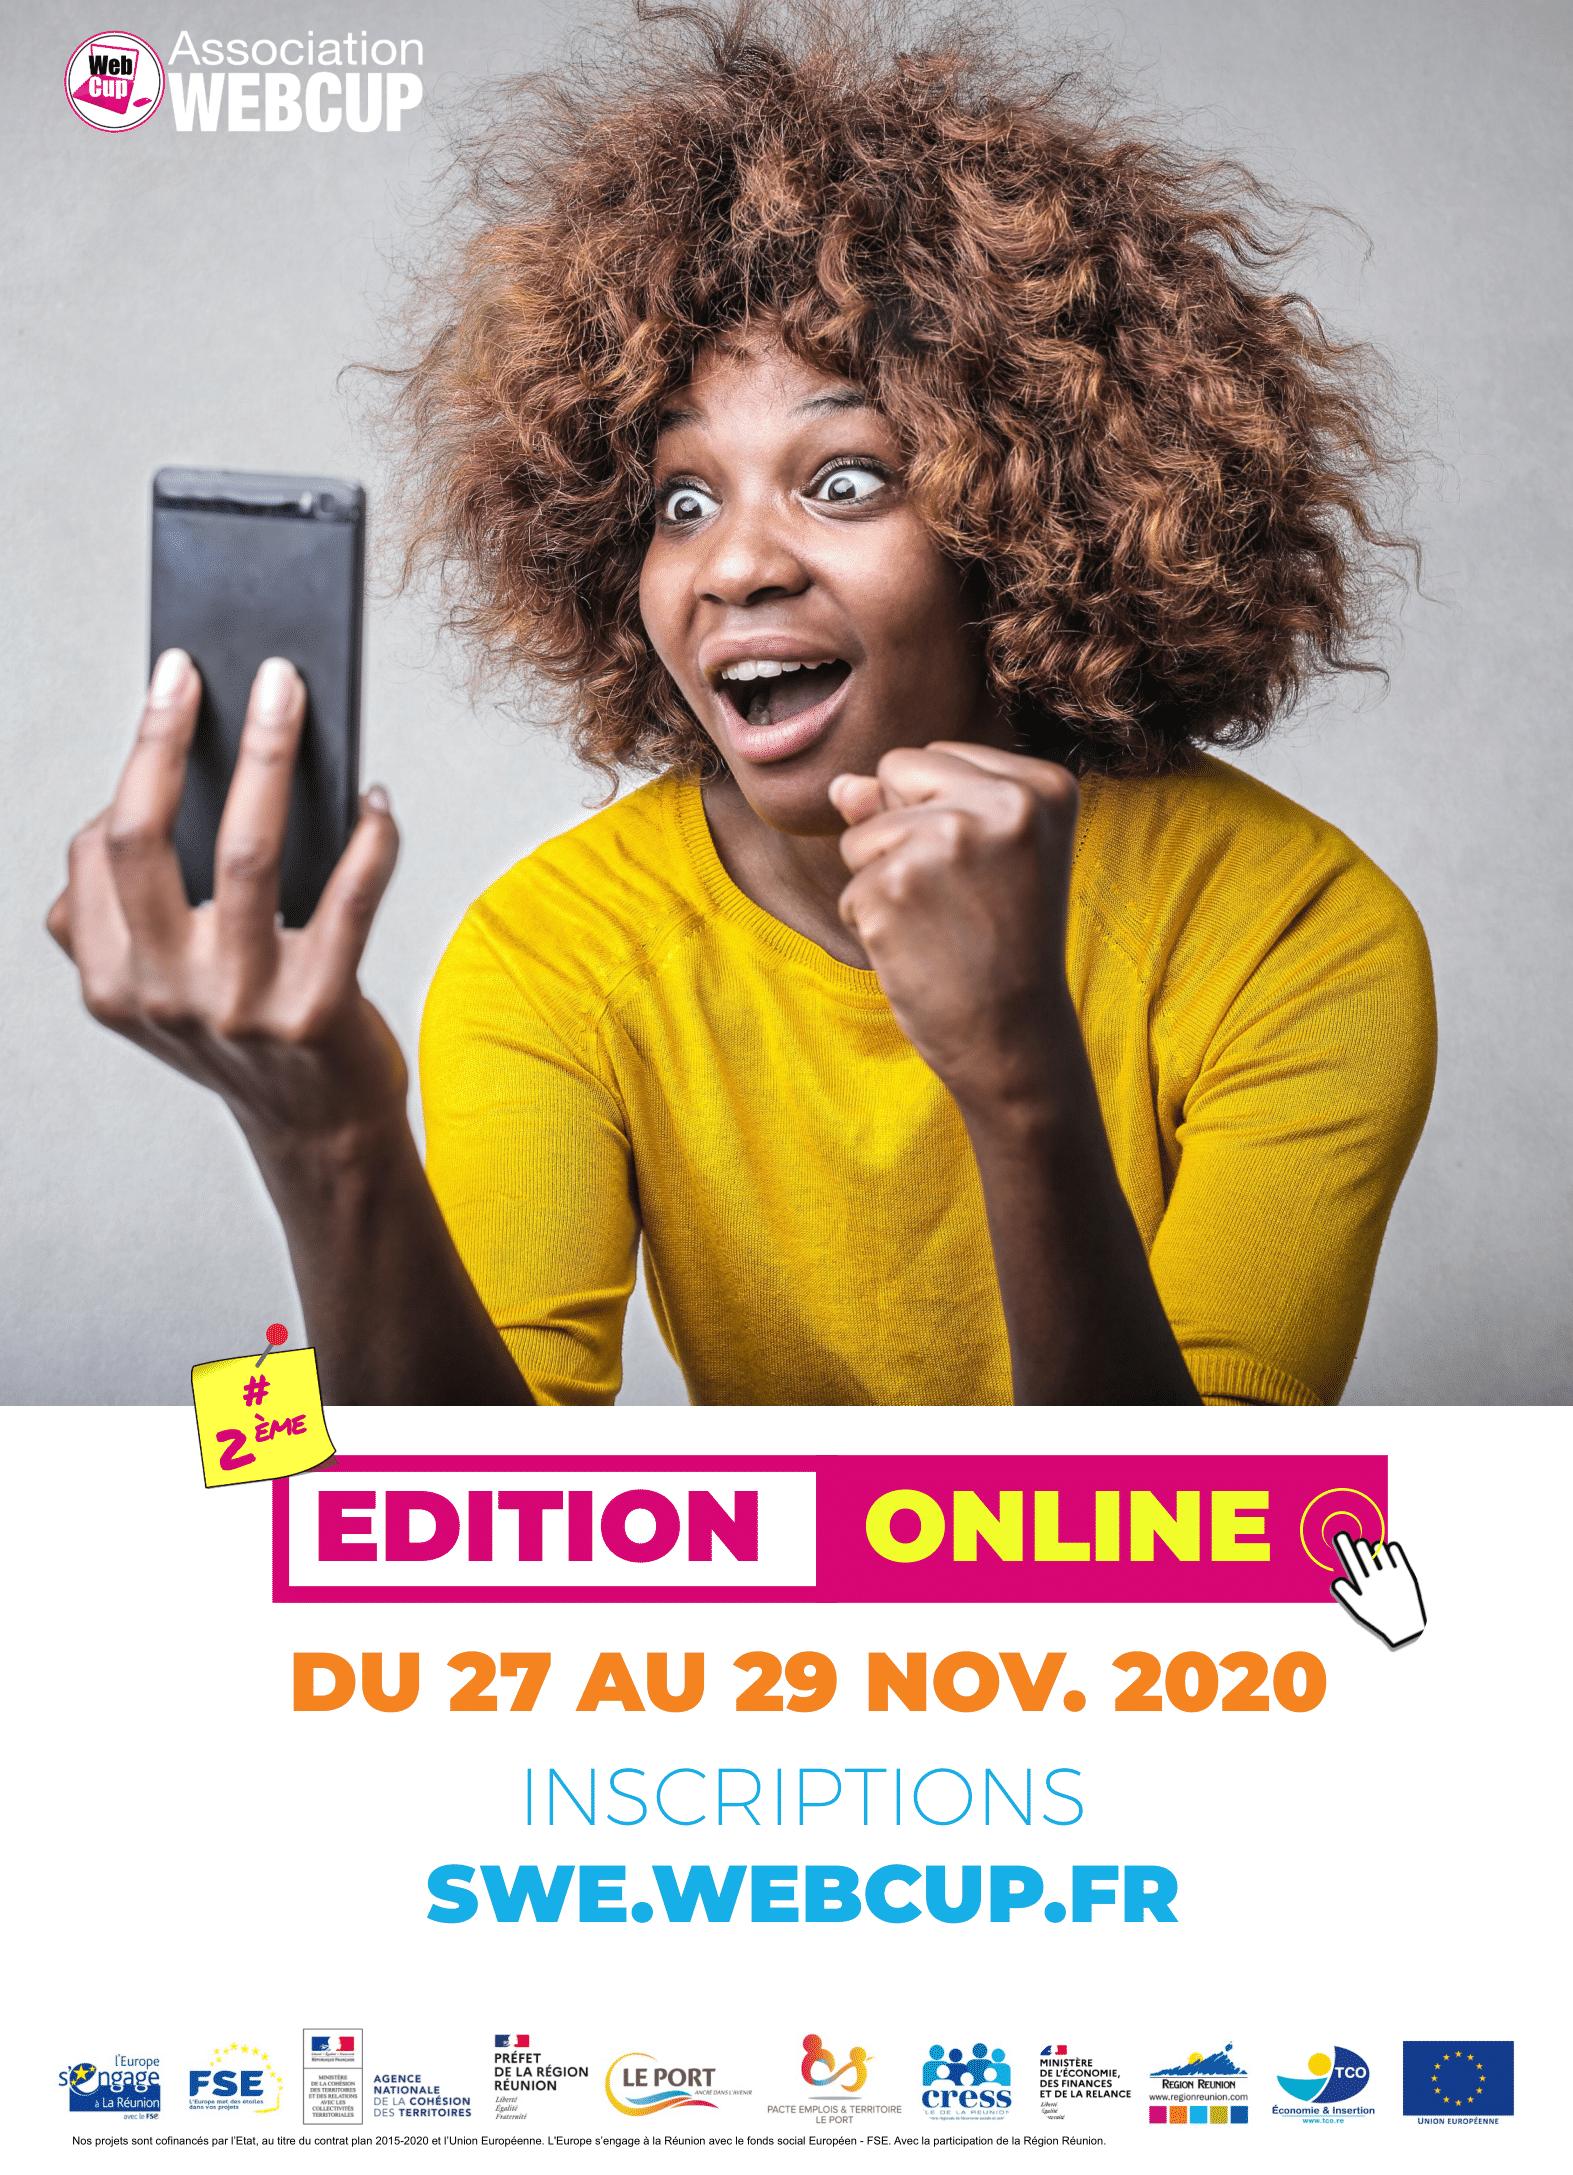 Ouverture des inscriptions pour la deuxième édition du Startupweekend spéciale Économie sociale & solidaire (ESS) 100% Online